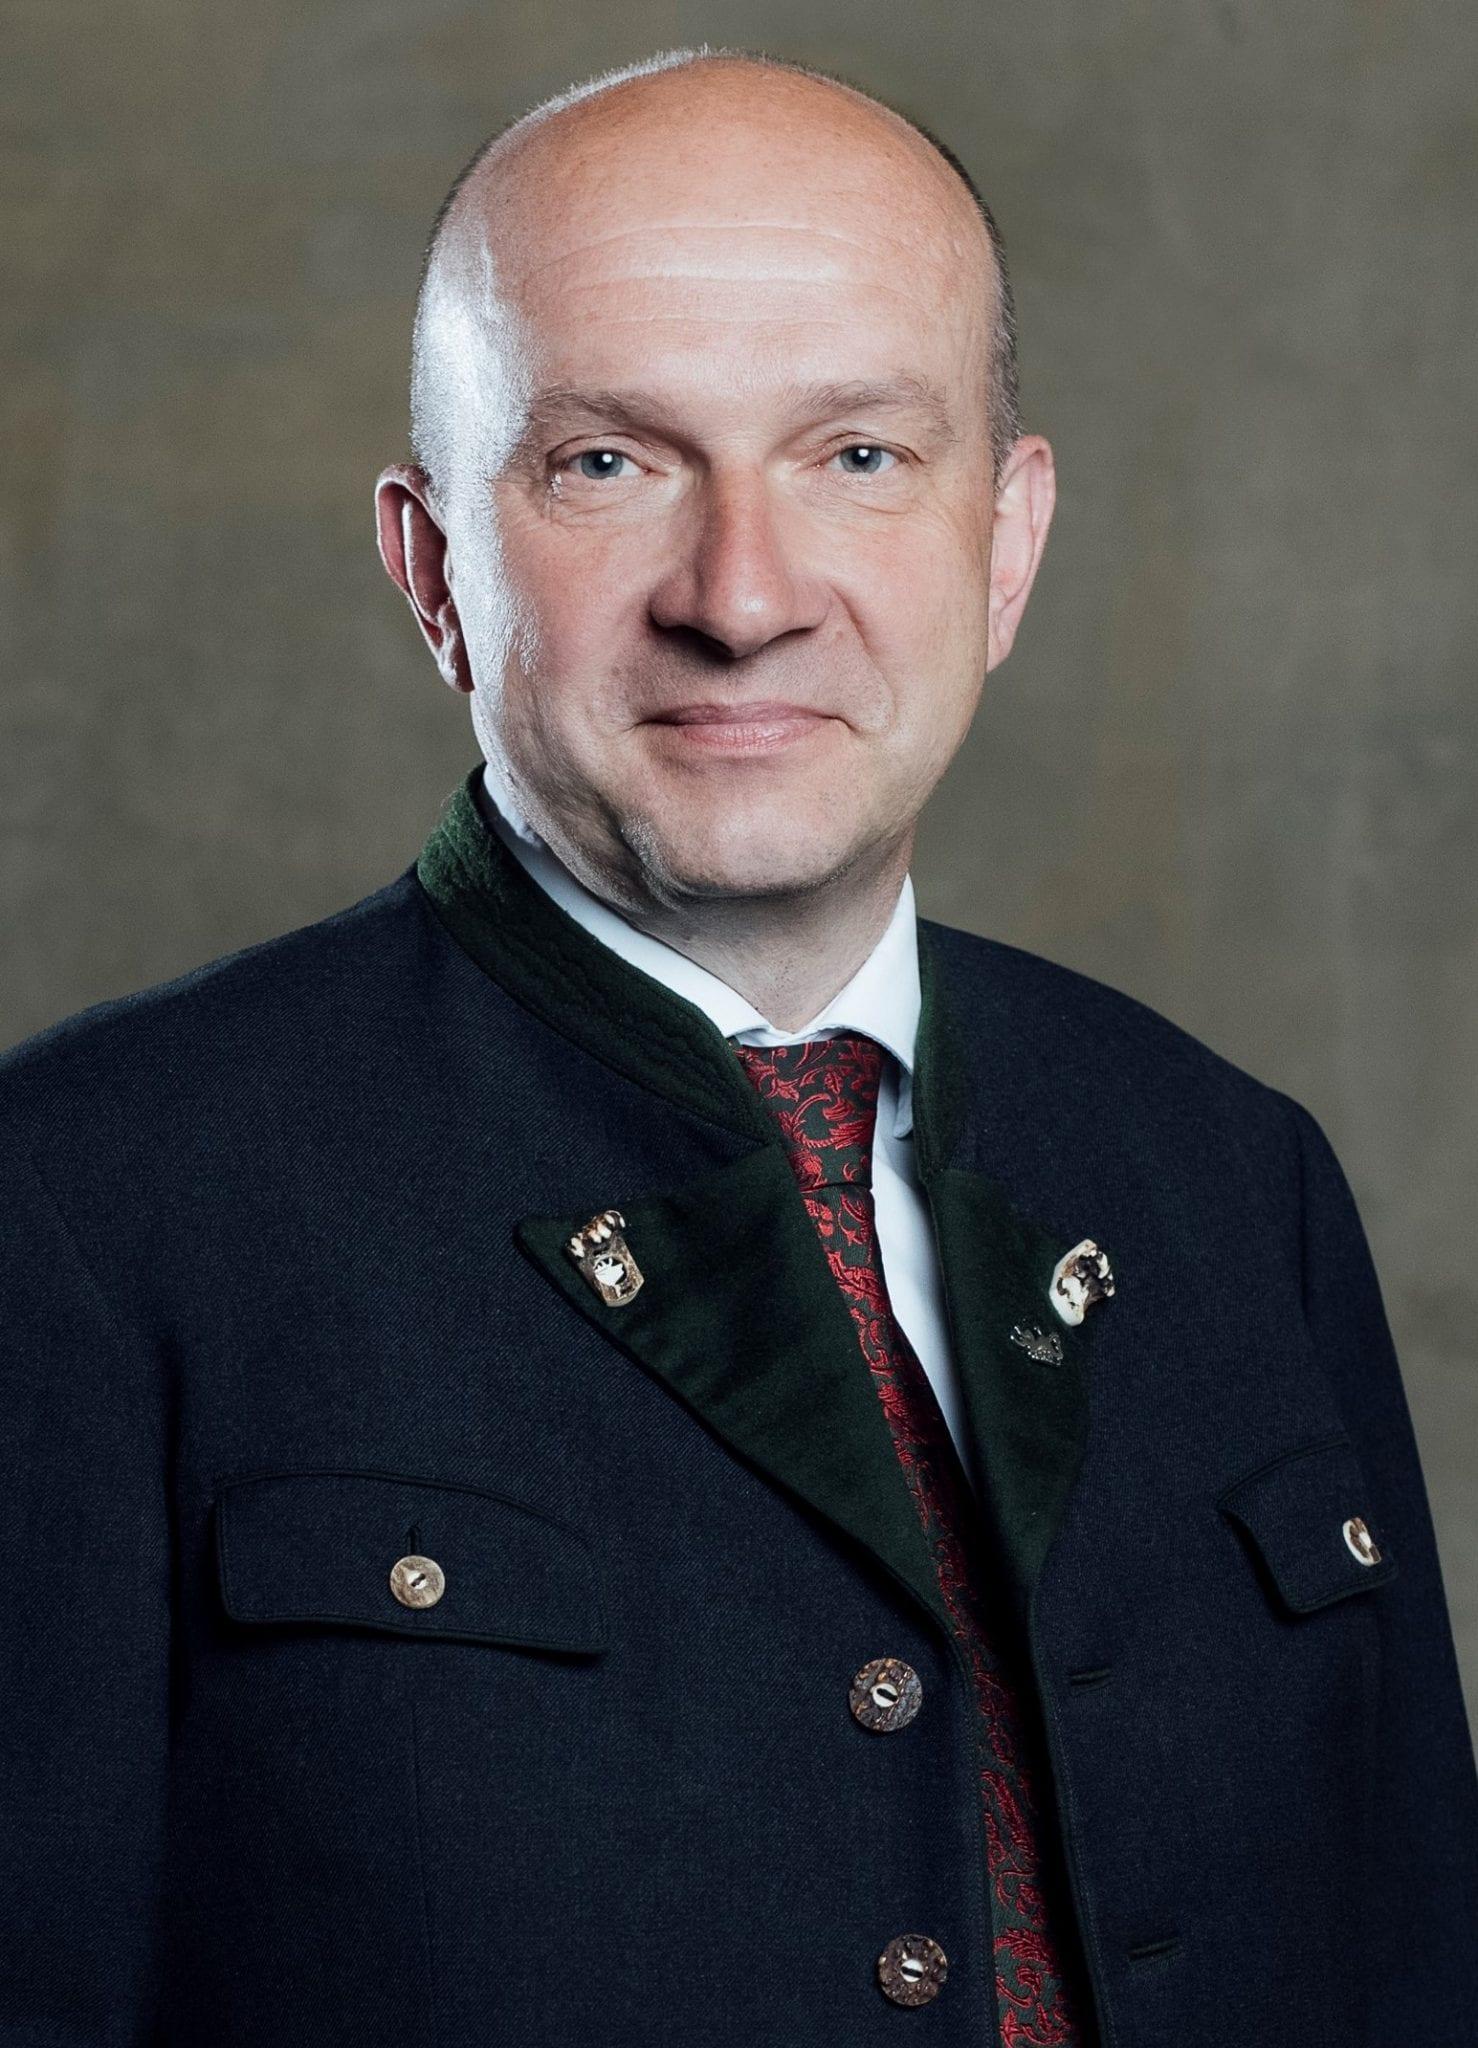 Ing. Bruno Aschenbrenner